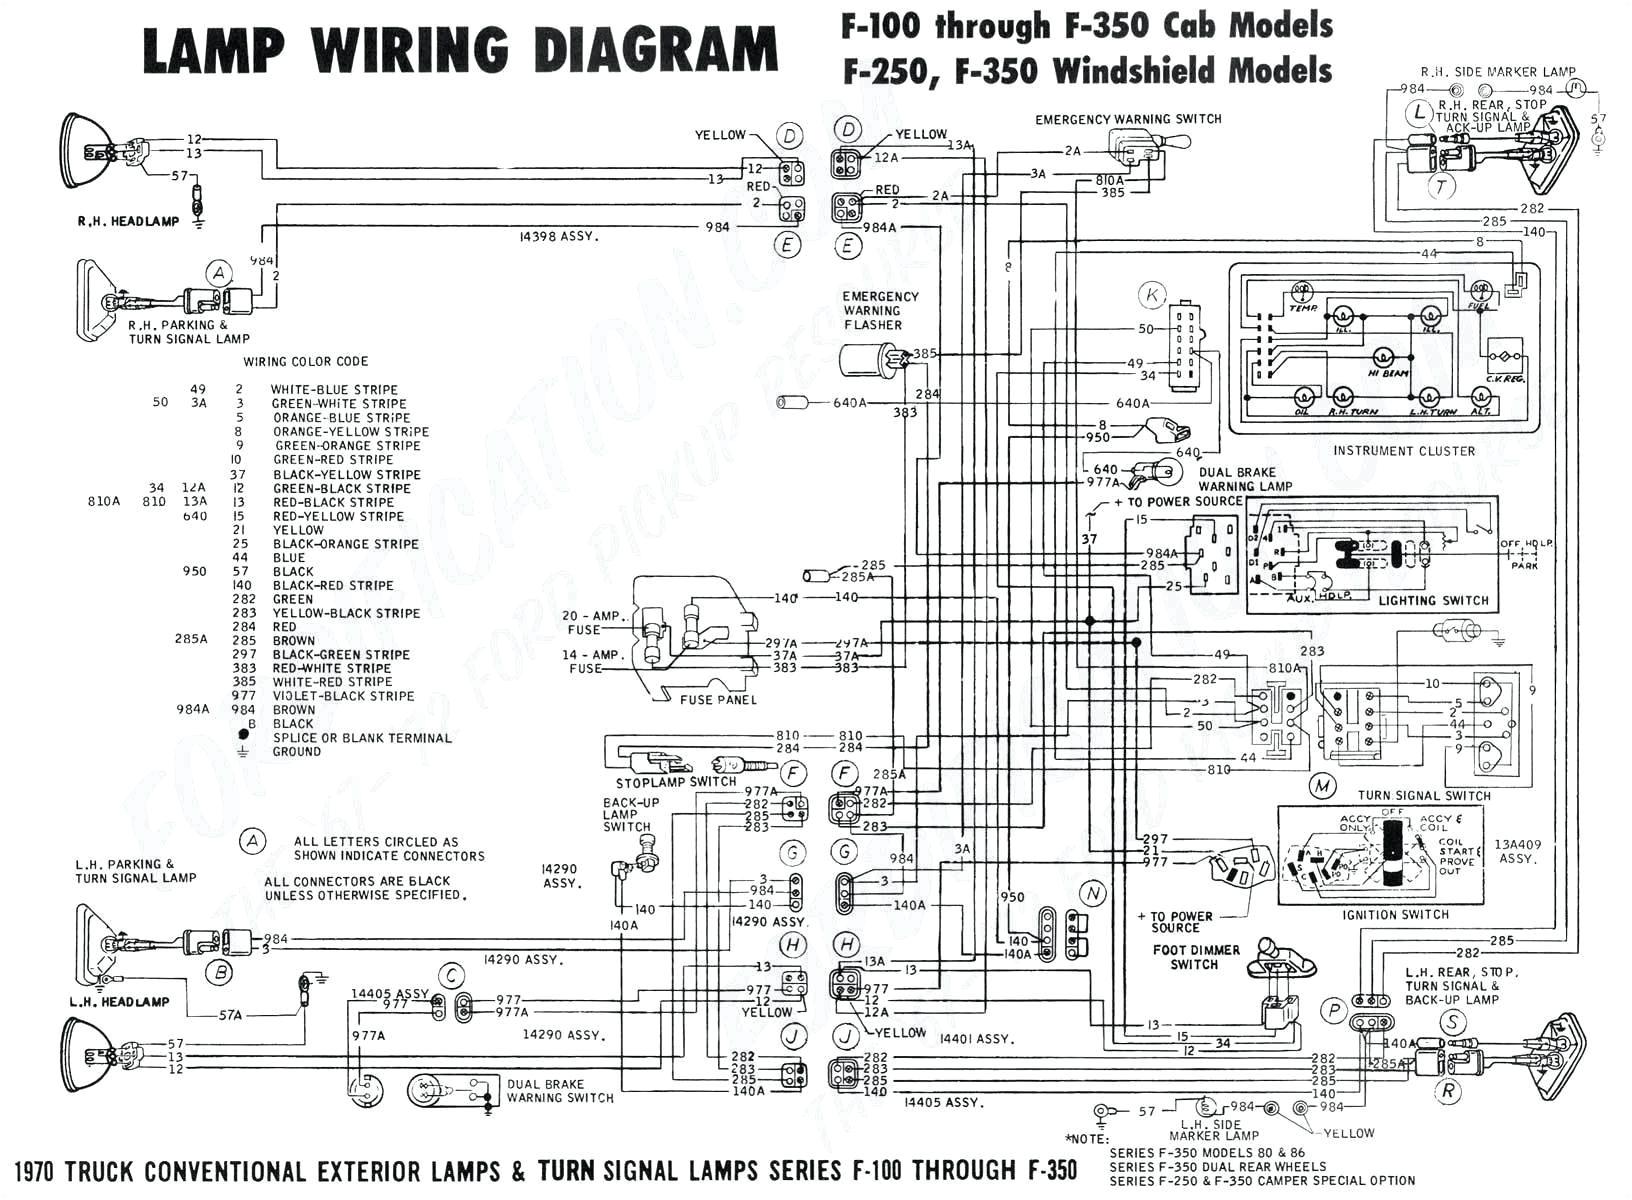 2015 Silverado tow Mirror Wiring Diagram 14 Chevy Silverado Wiring Diagram Wiring Diagram Database